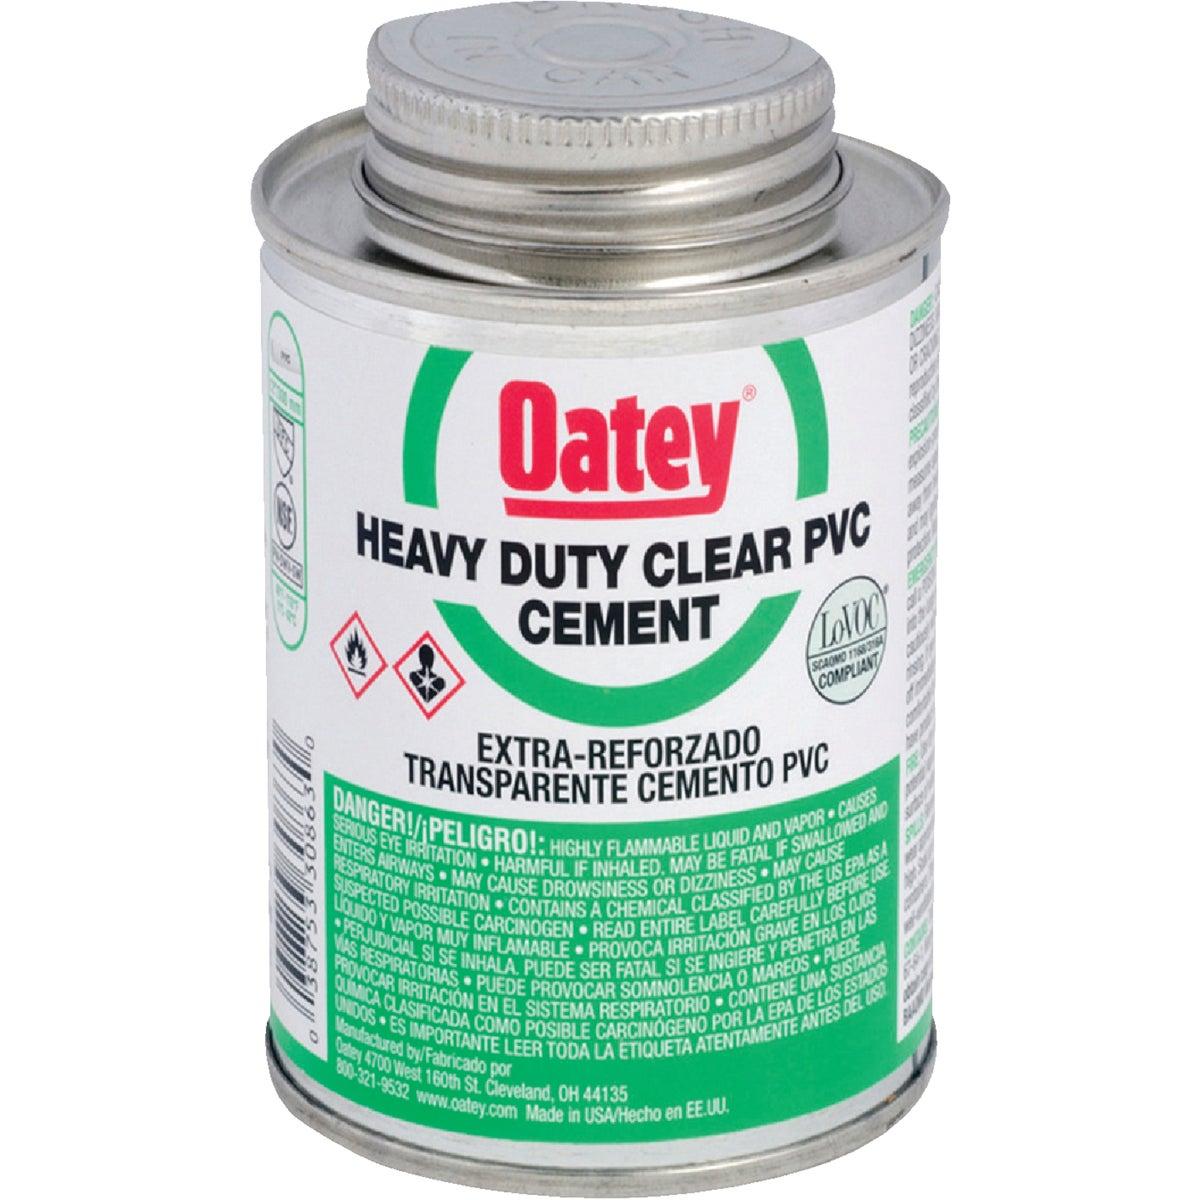 1/4PT H/DUTY PVC CEMENT